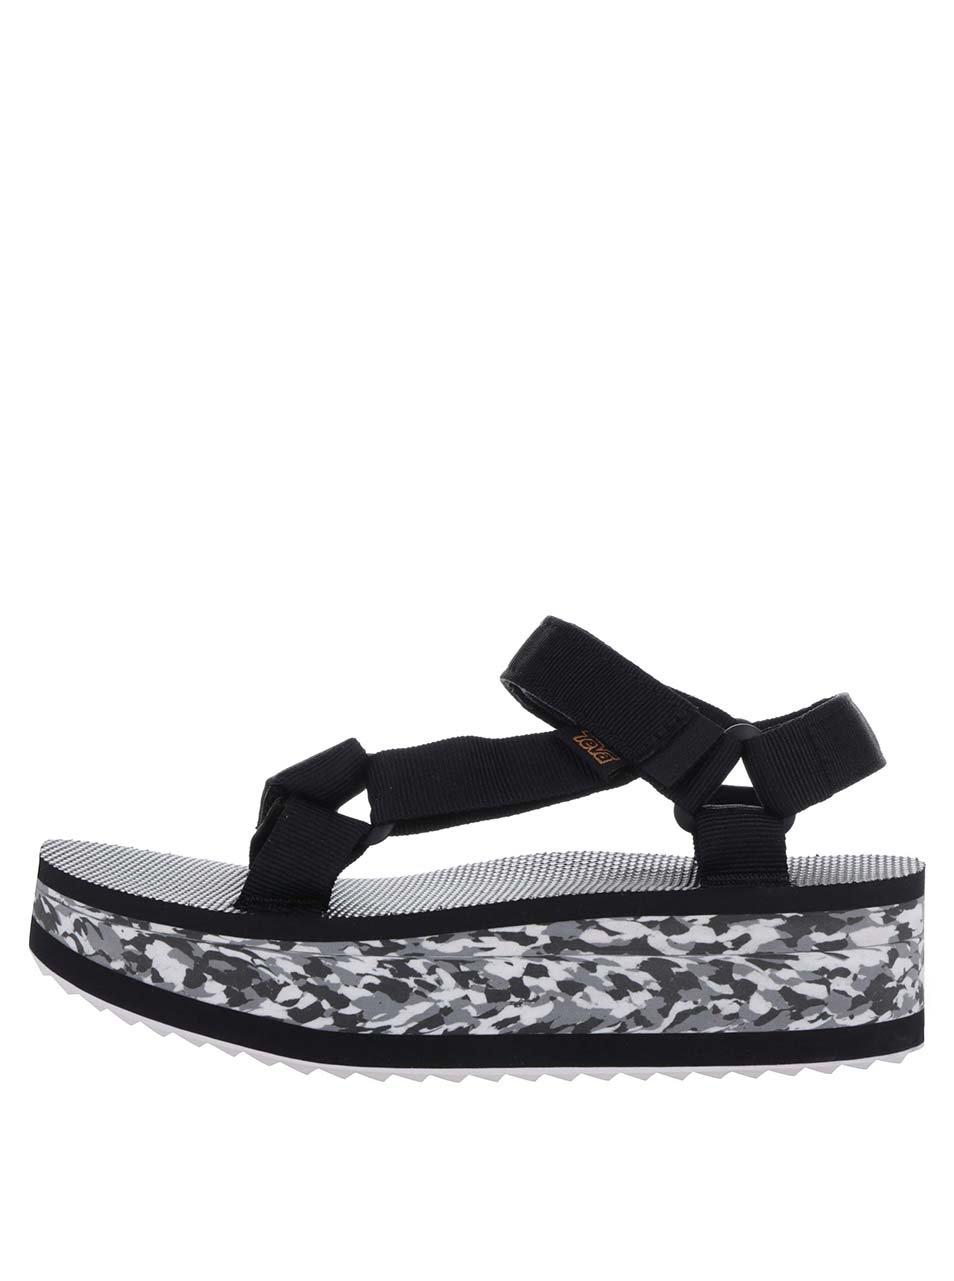 2e07a89aaa Čierno-biele dámske sandále na platforme Teva ...